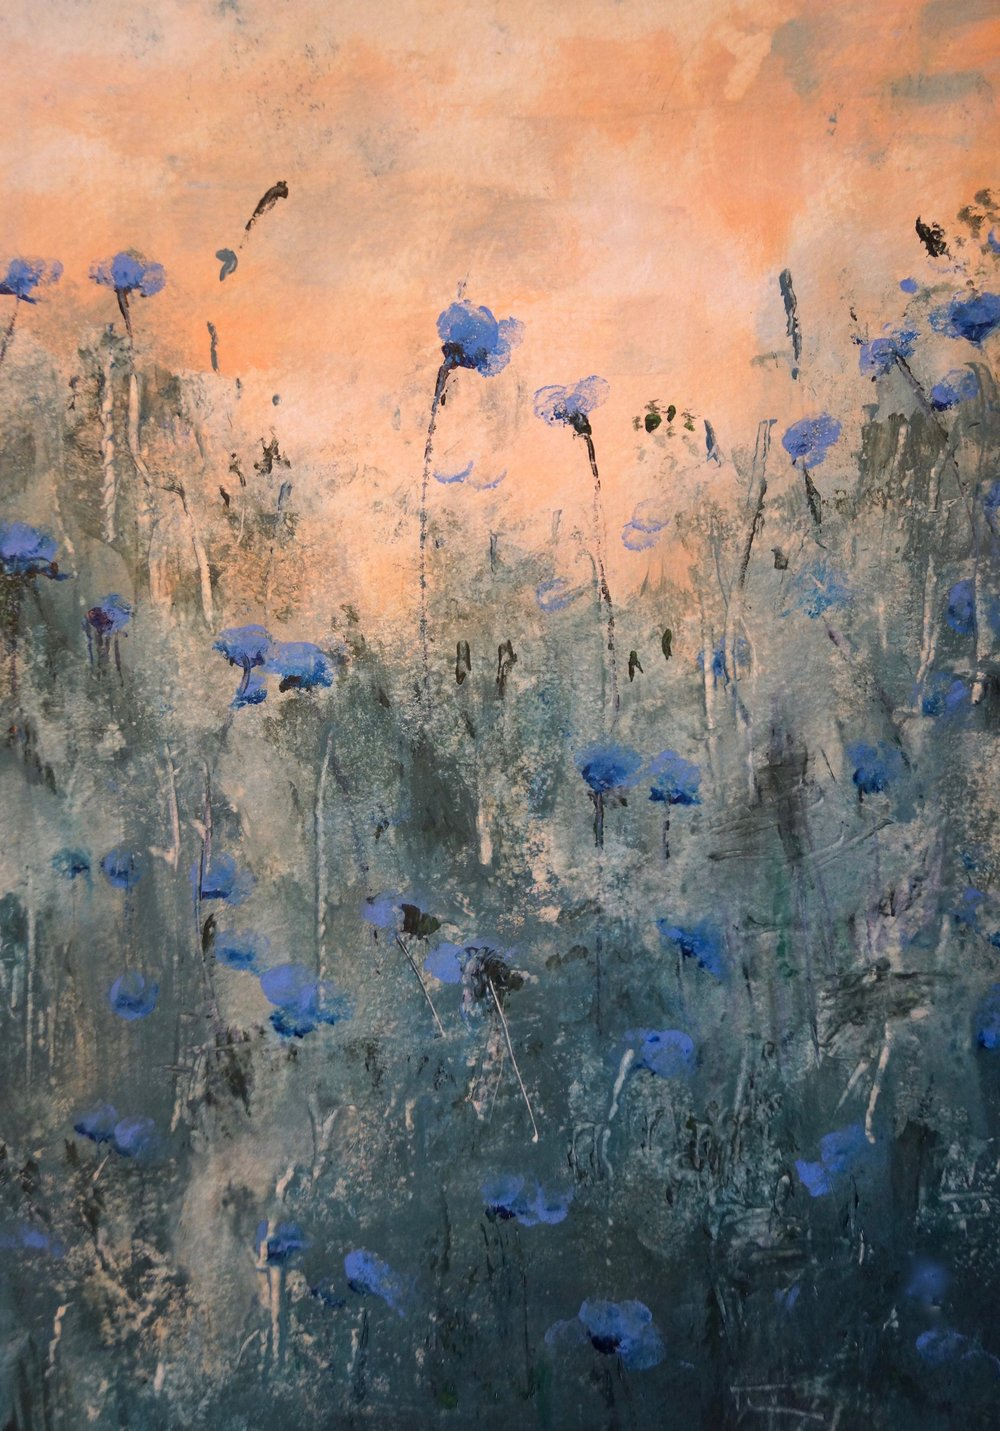 Lindsay Higa, Wildflowers 3